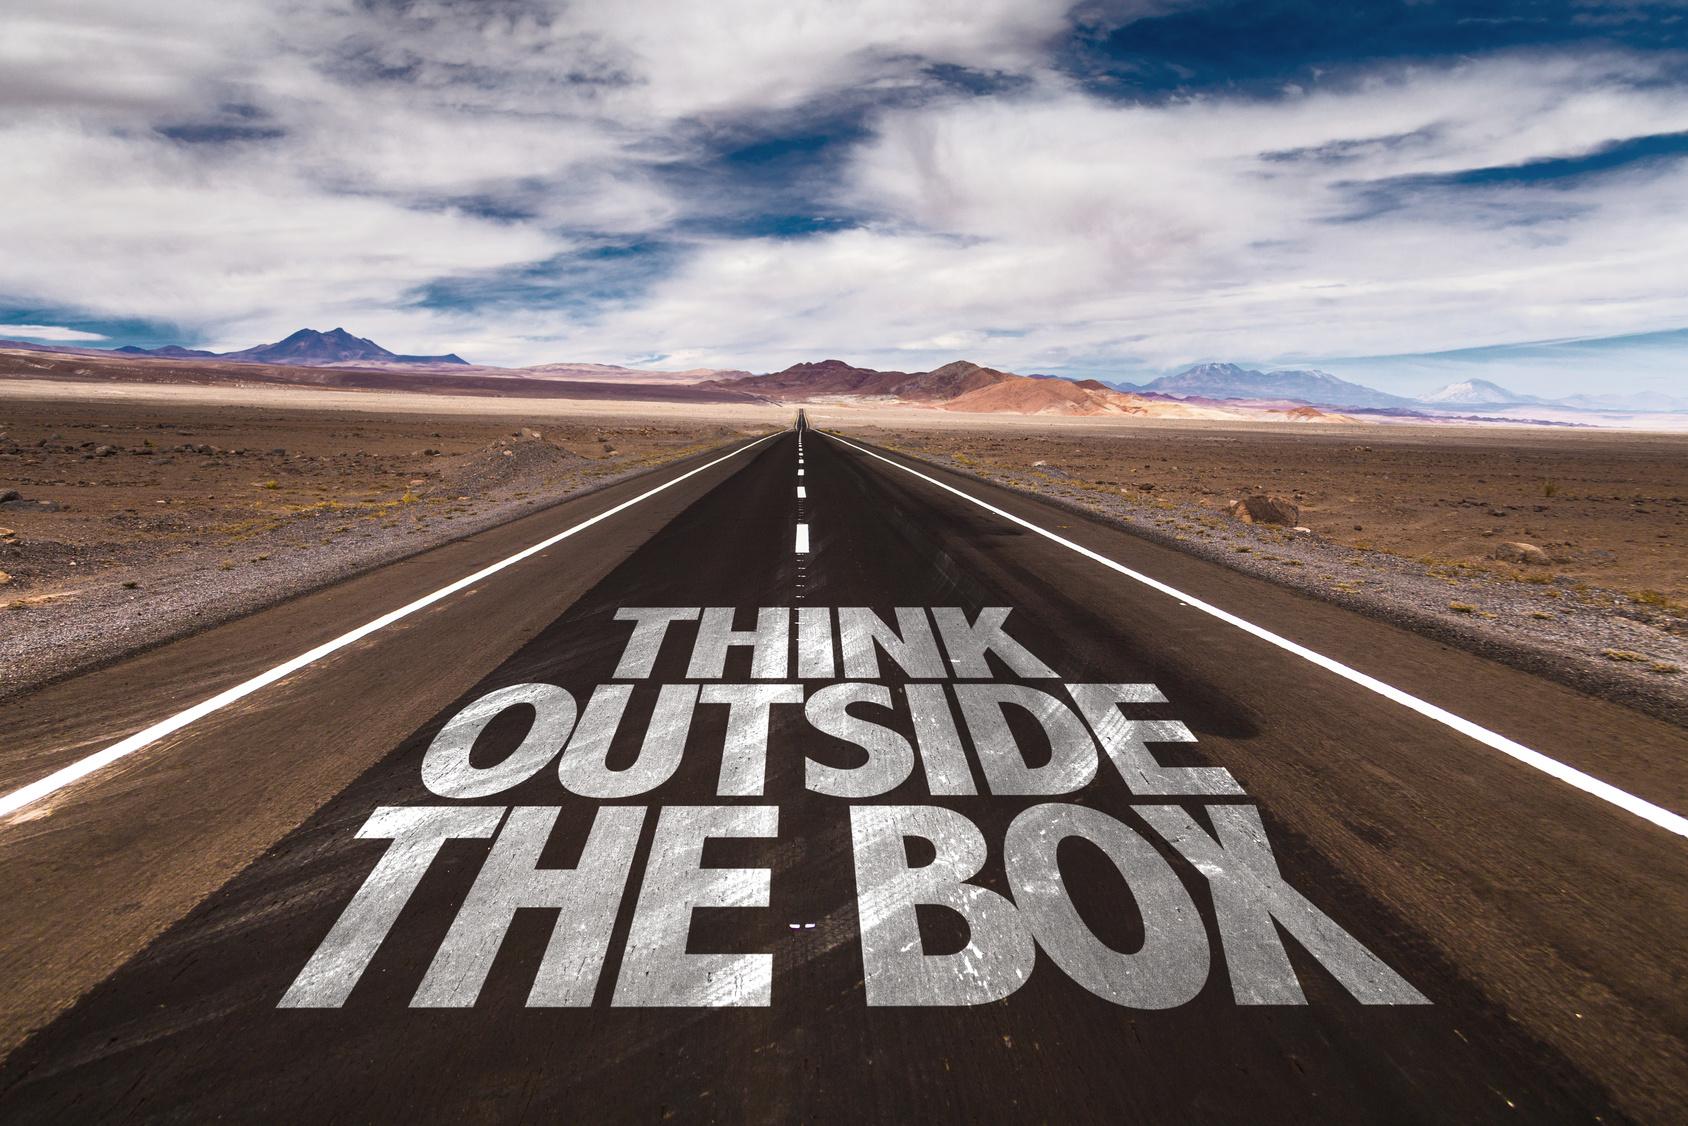 Think Outside the Box written on desert road | #89915110 | Urheber: gustavofrazao - Fotolia.de